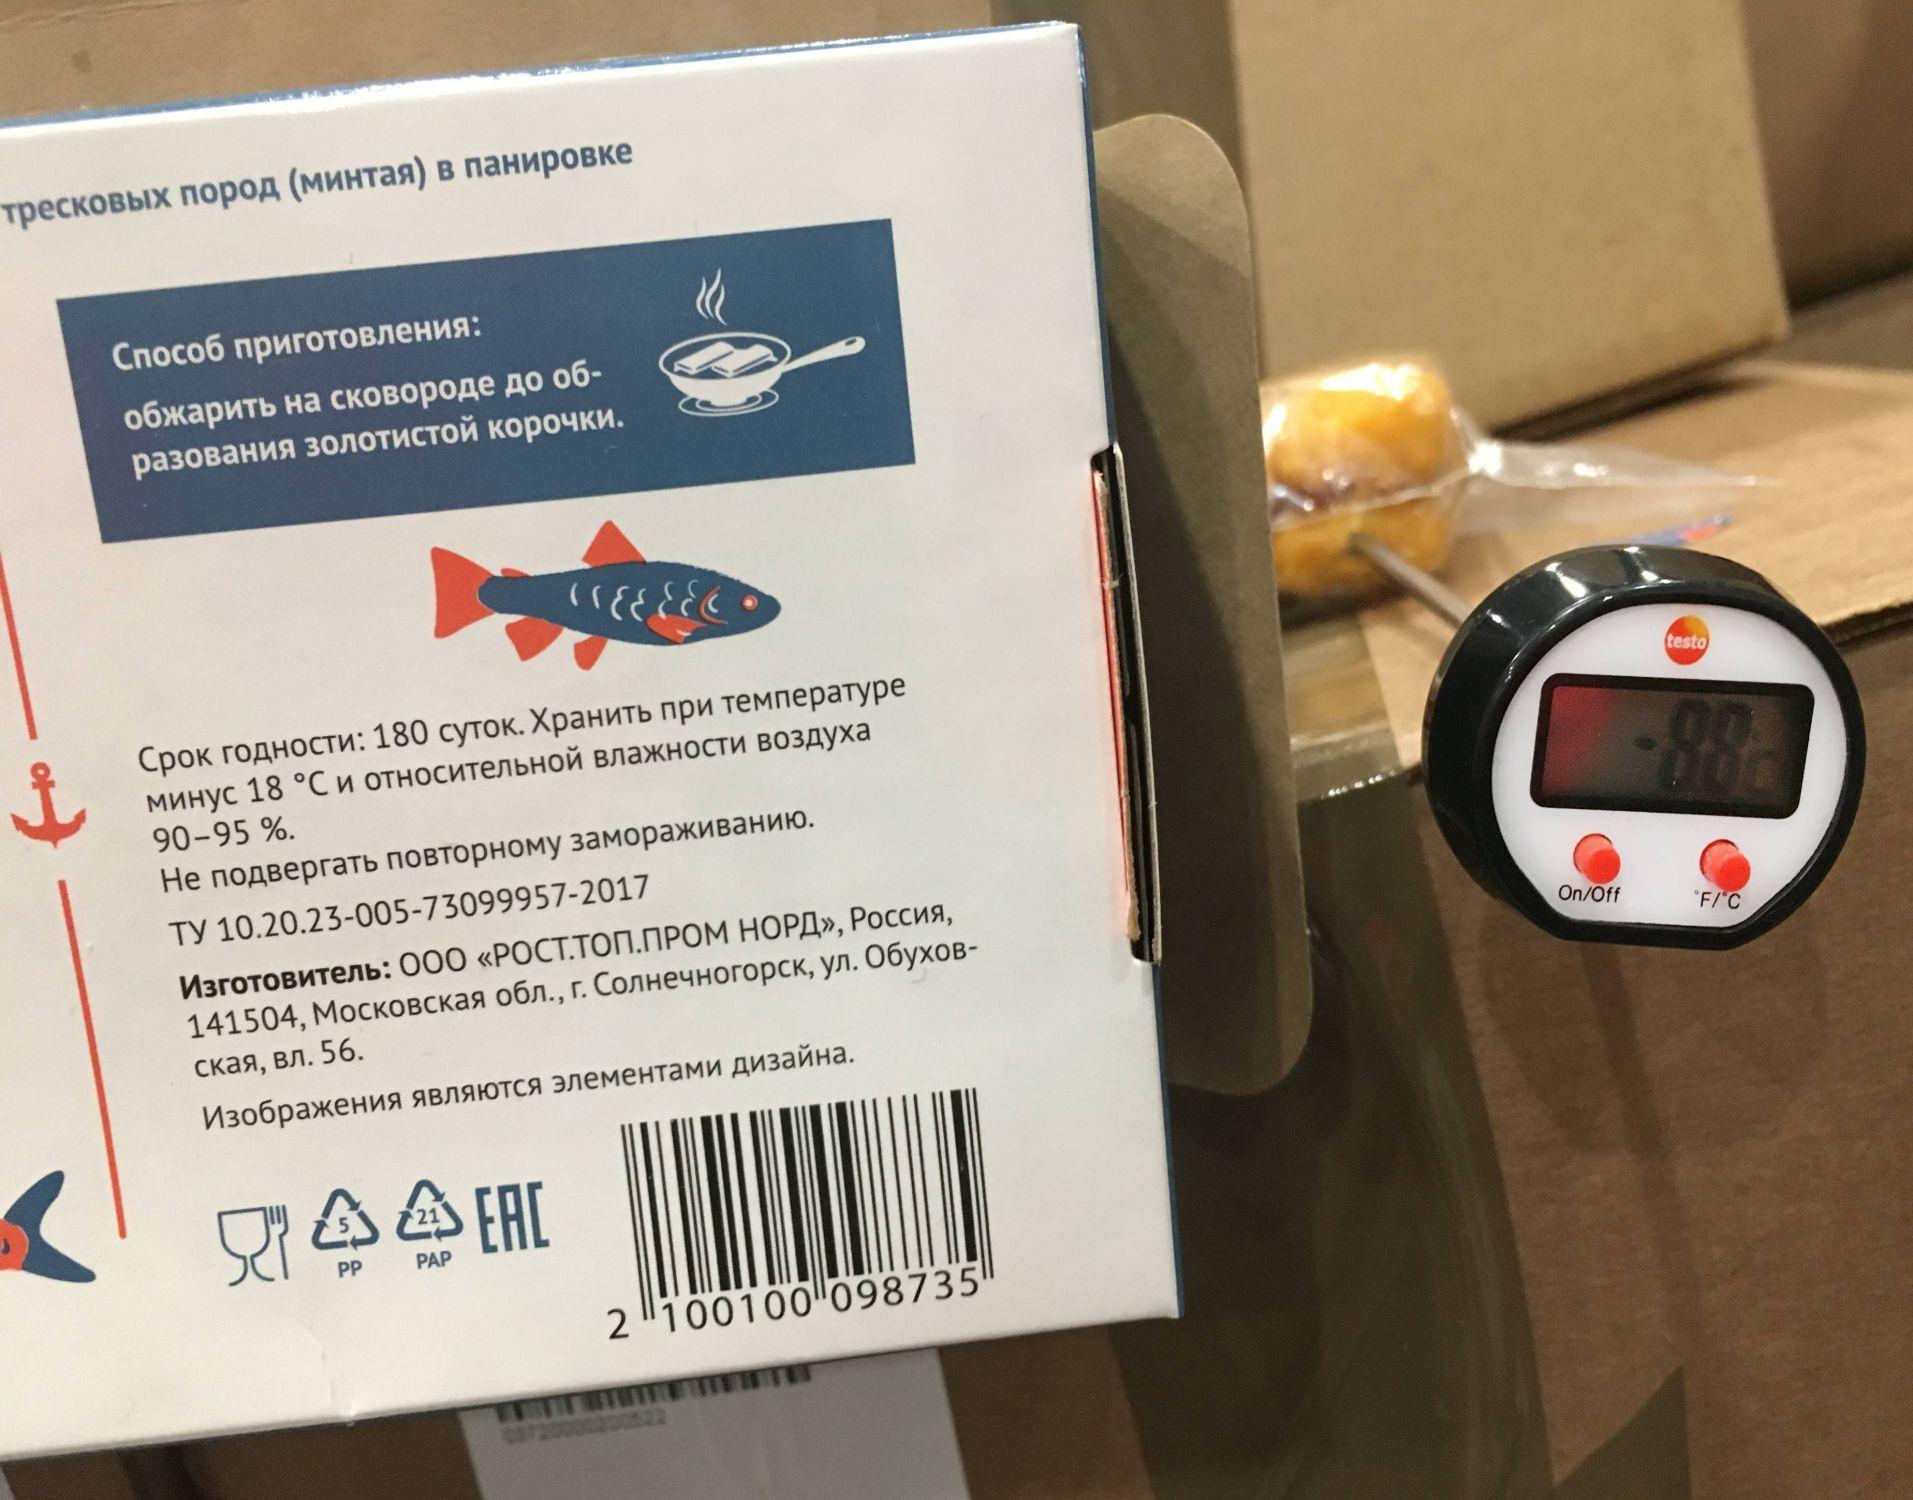 Контроль температуры рыбных полуфабрикатов с помощью мини-термометра Testo